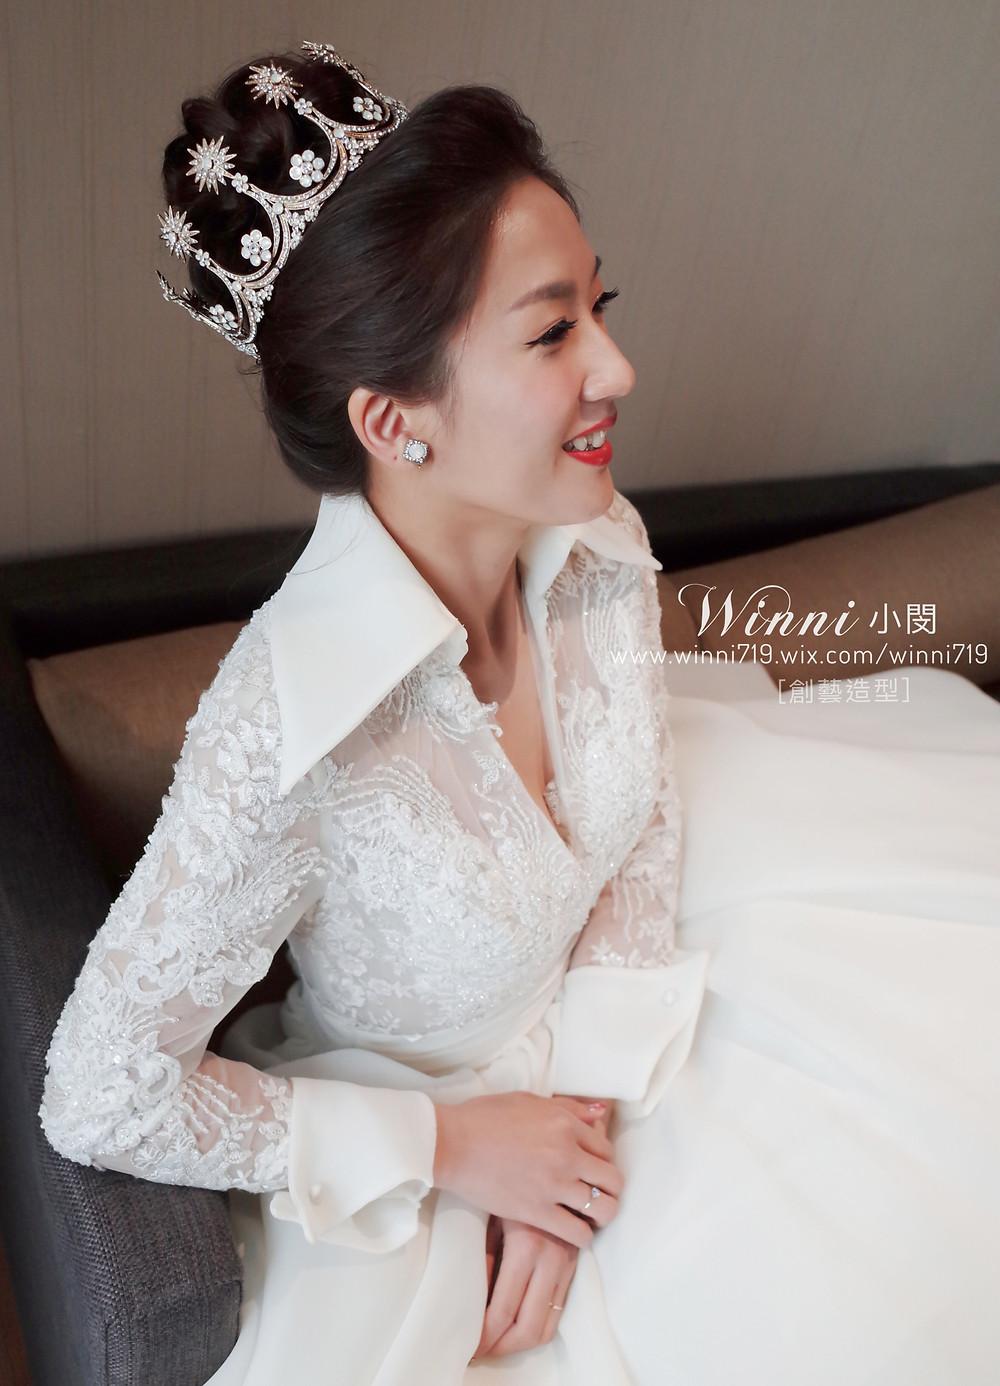 #白紗造型 #新娘造型  #皇冠 #新娘妝#編髮 #紅唇妝 #高盤髮 #圓形冠